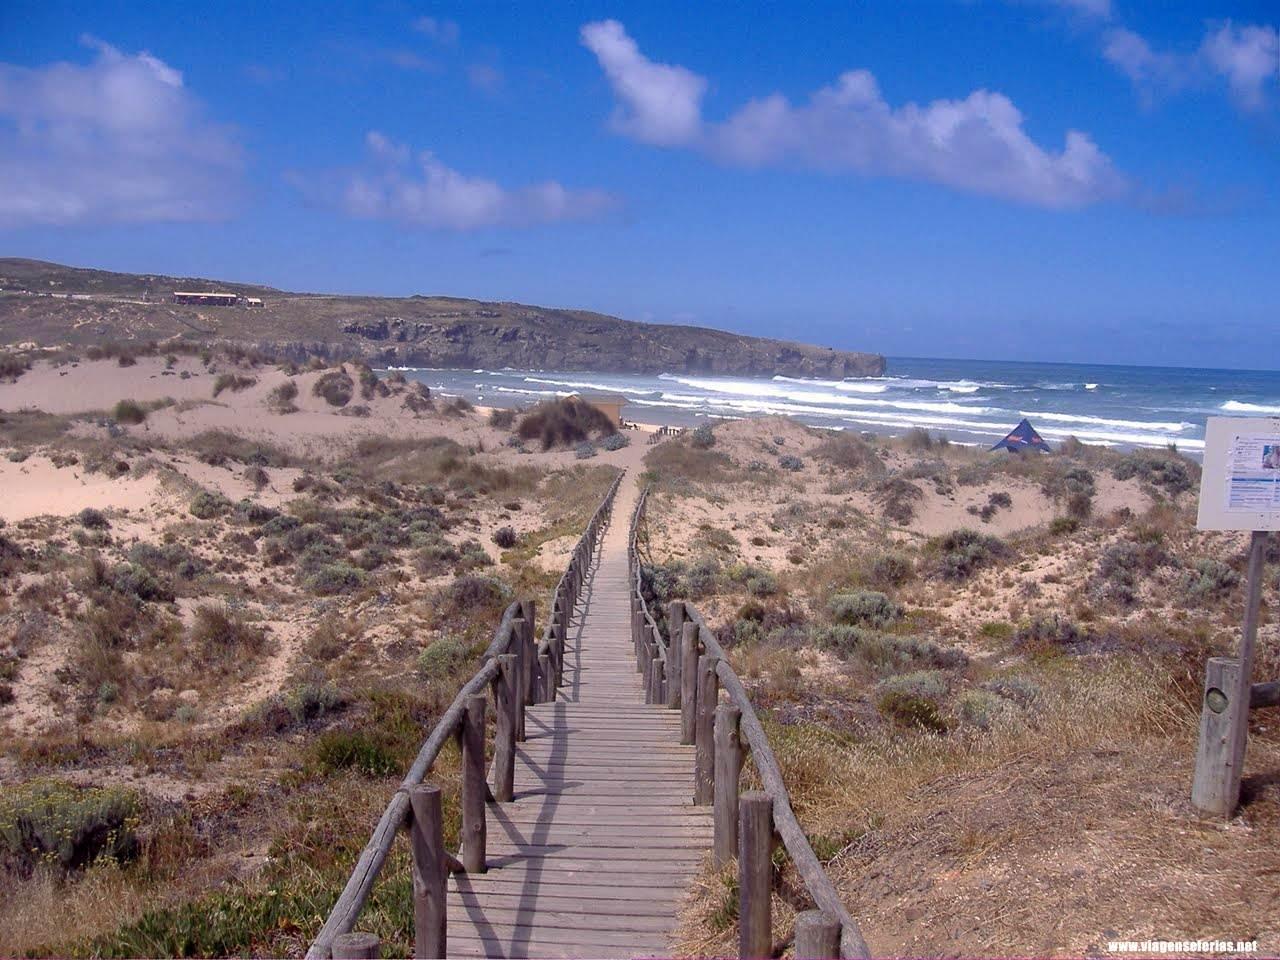 Chegada à Praia da Amoreira com uma das passadeiras por entre as dunas